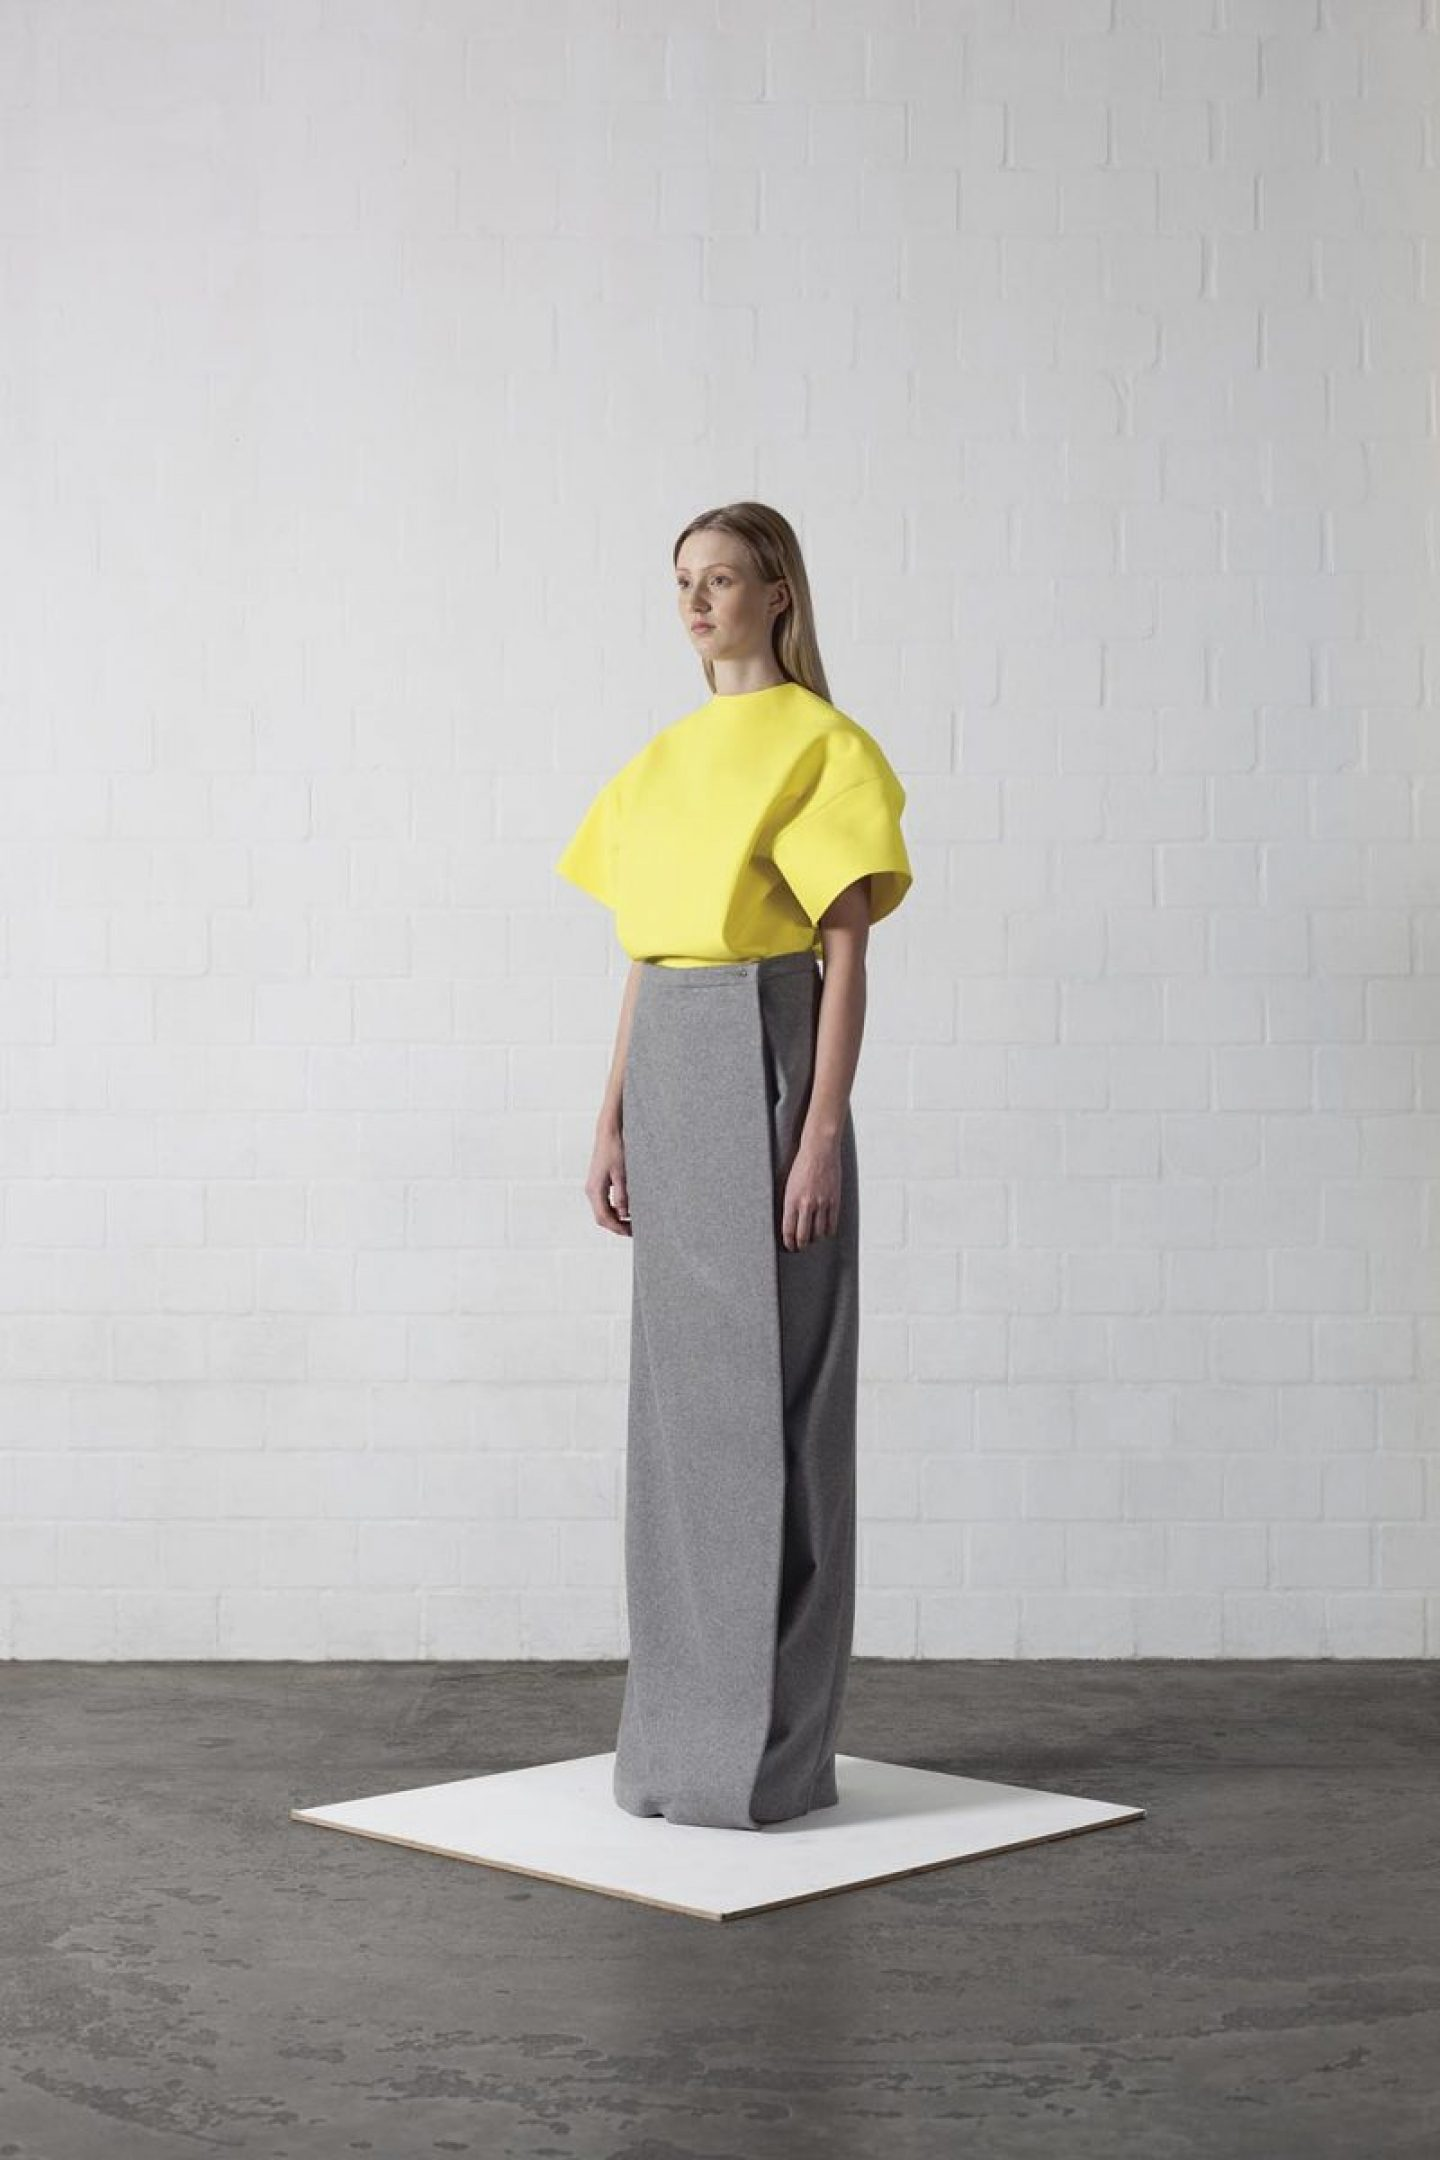 iGNANT_Fashion_Leonie_Barth_Ich_Ist_Ein_Anderer_25